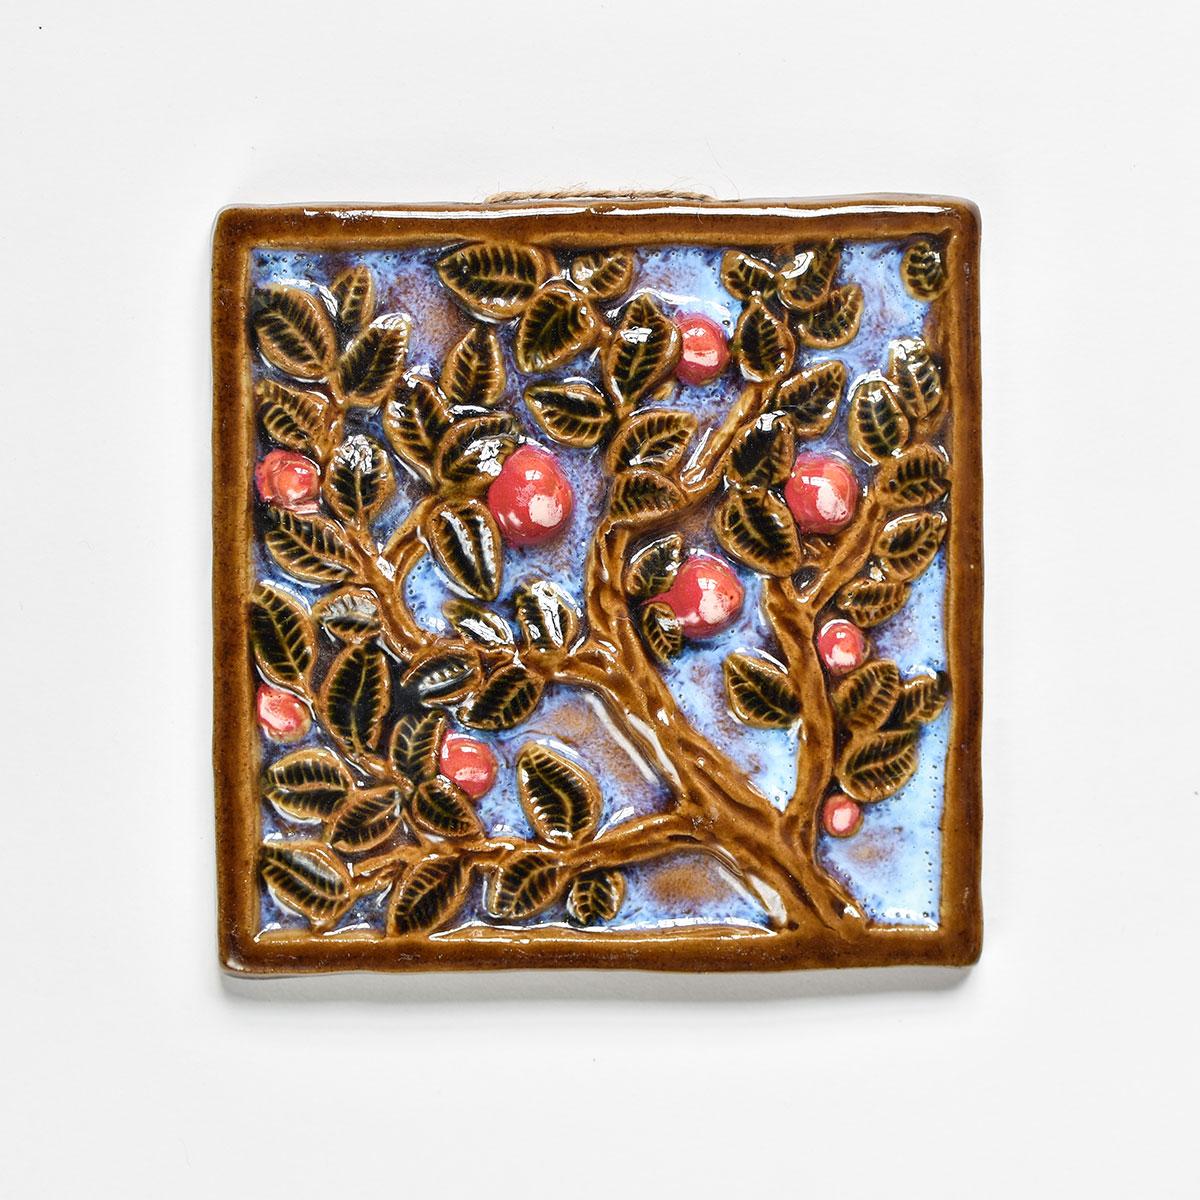 """картинка Изразец ручной работы """"Ветка с яблоками"""" сумерки - DishWishes.Ru"""